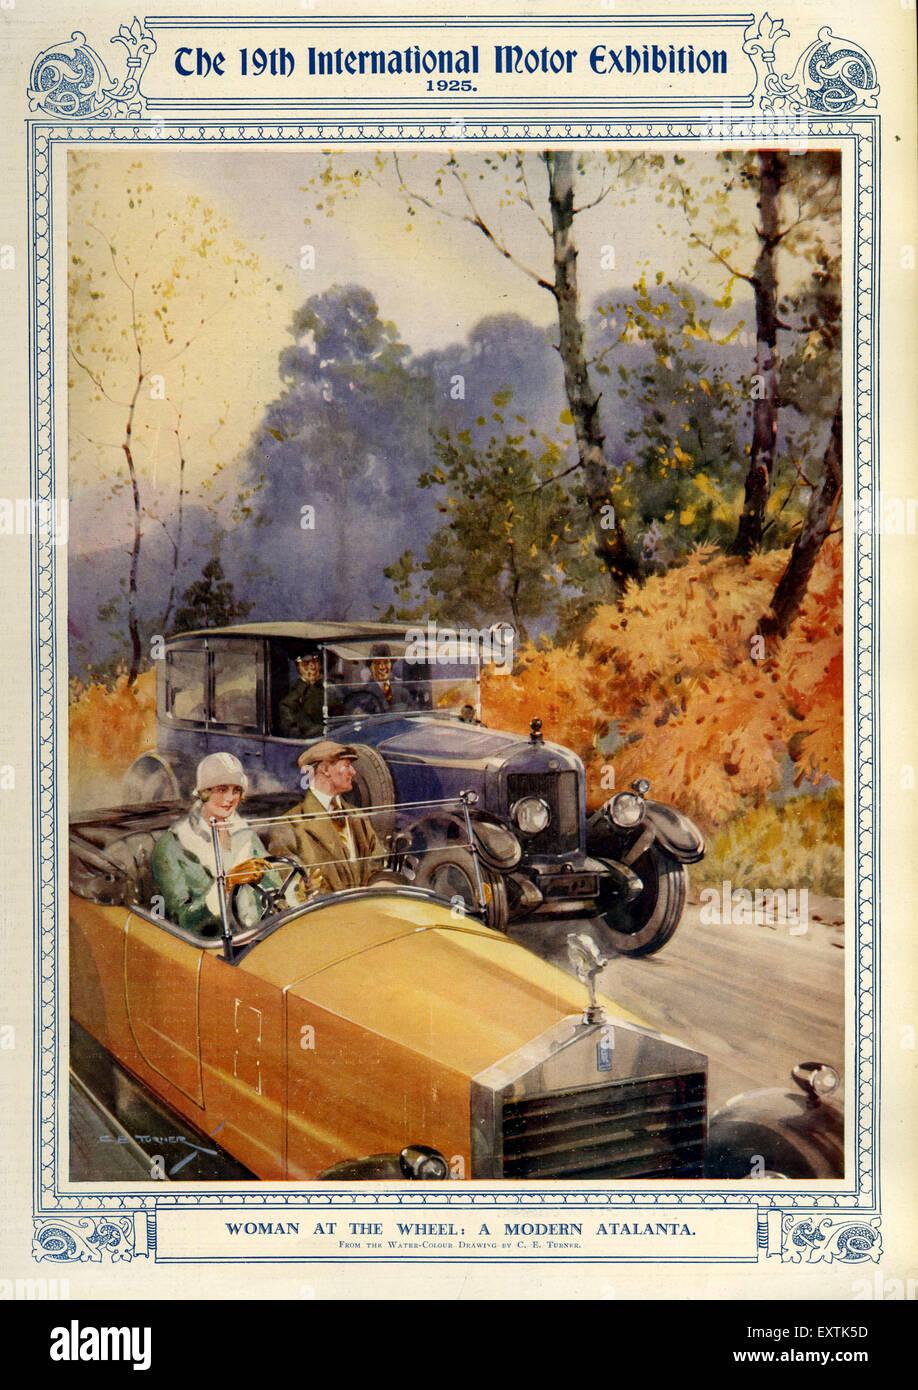 1920s UK Motor Exhibition Magazine Plate - Stock Image